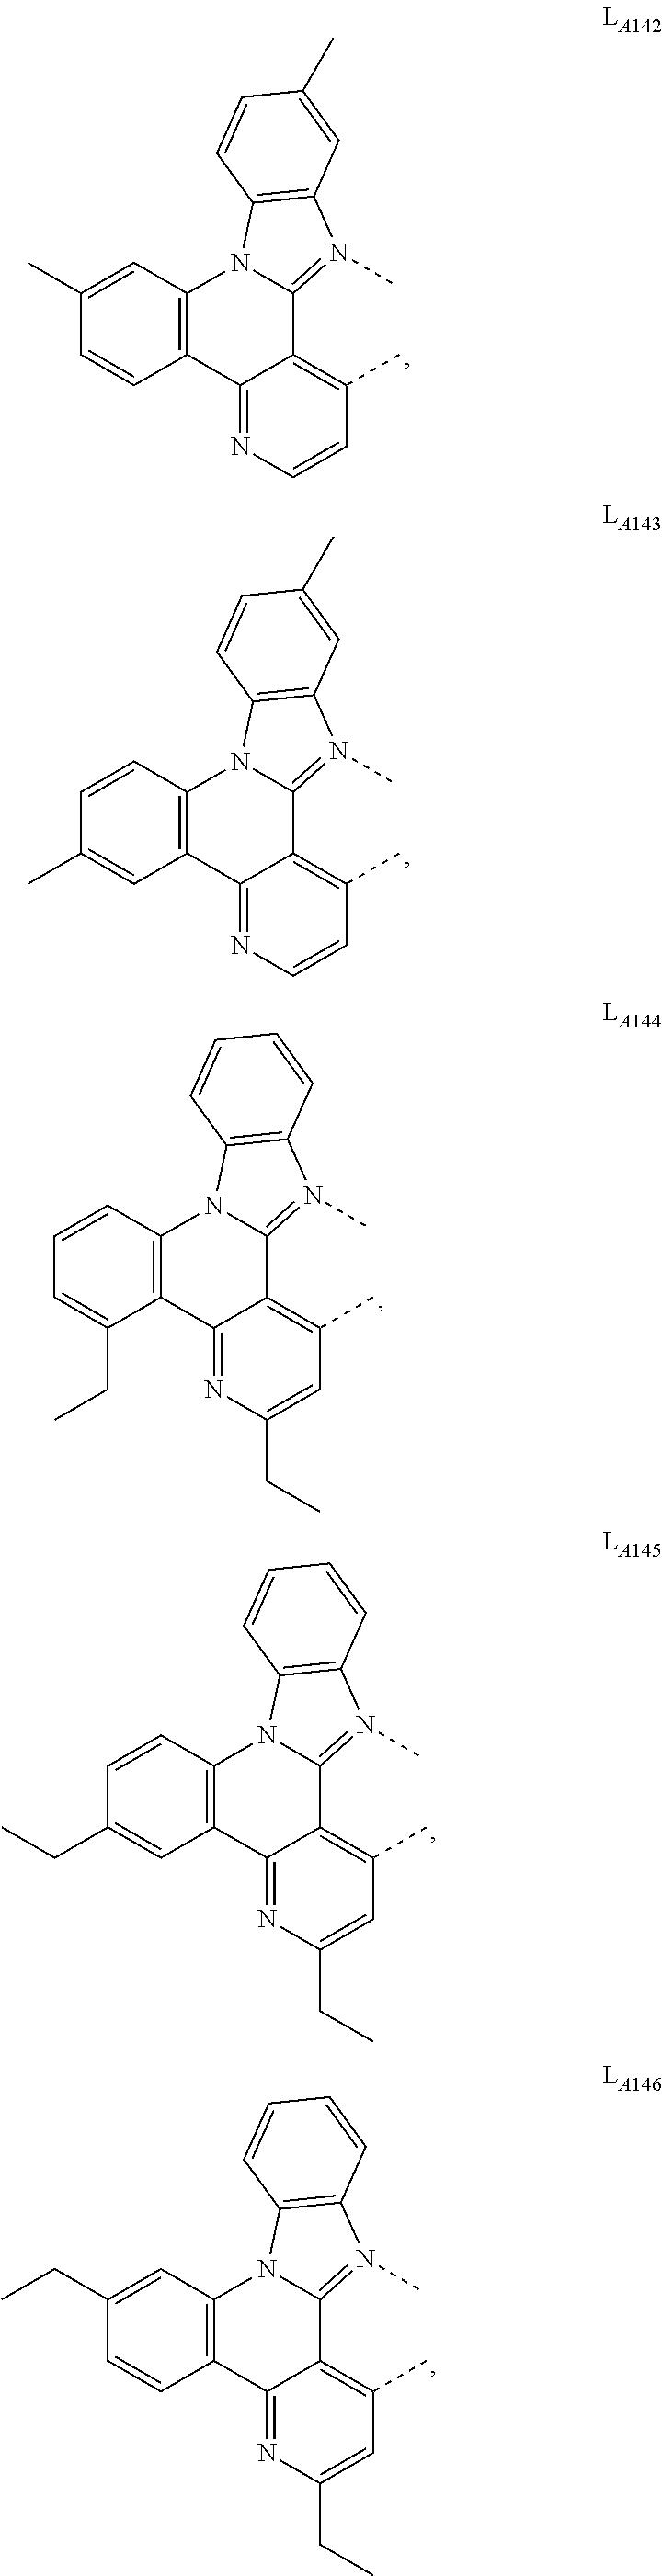 Figure US09905785-20180227-C00455